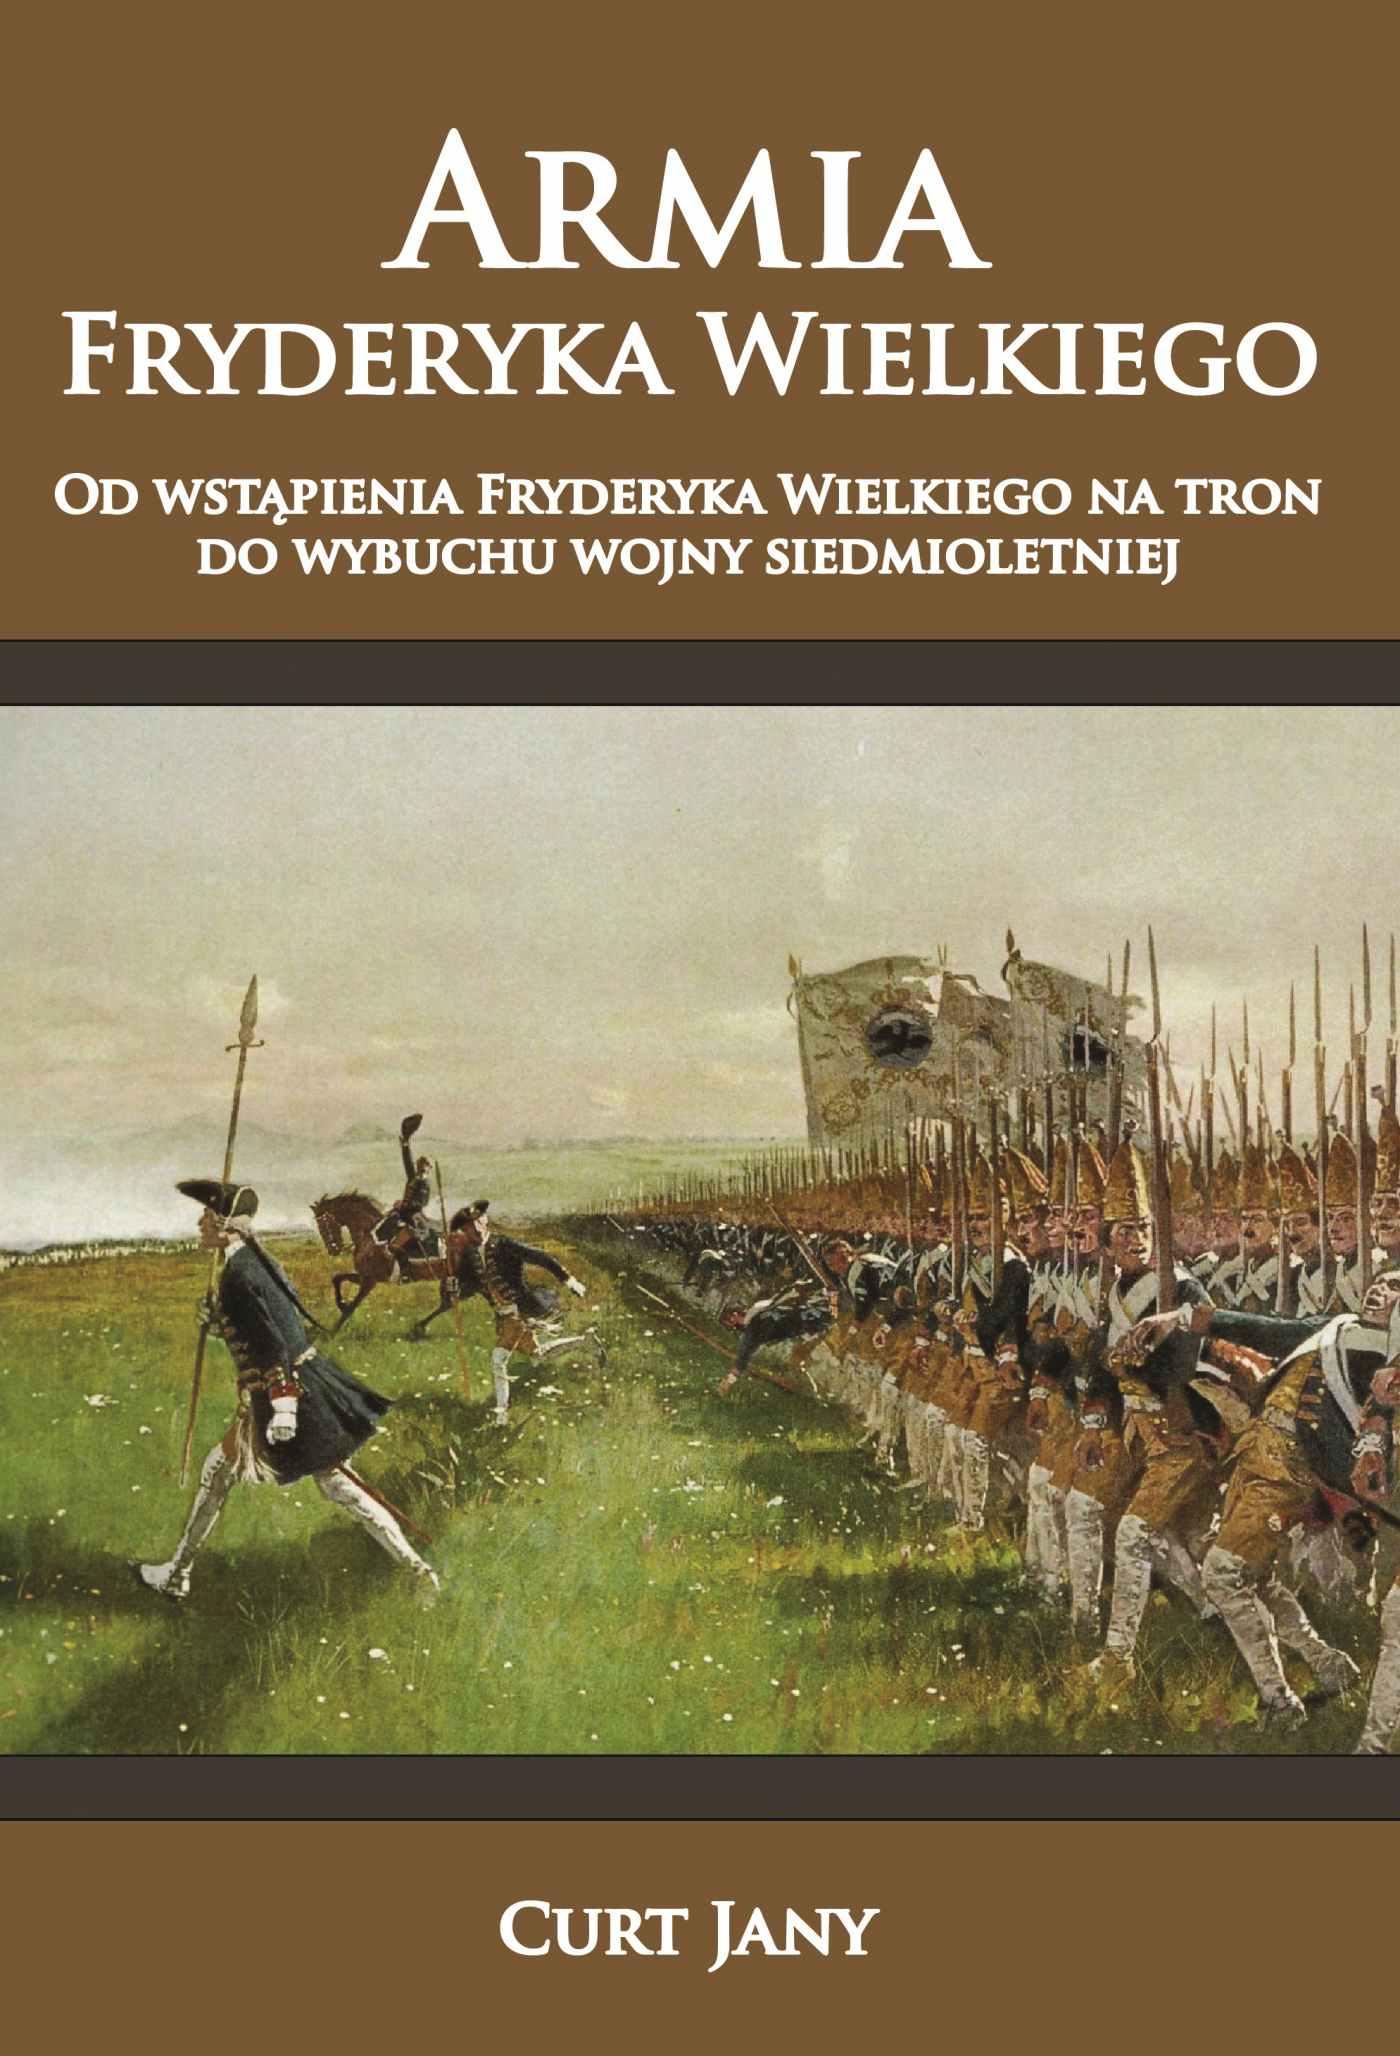 Armia Fryderyka Wielkiego. Od wstąpienia Fryderyka Wielkiego na tron do wybuchu wojny siedmioletniej - Ebook (Książka EPUB) do pobrania w formacie EPUB